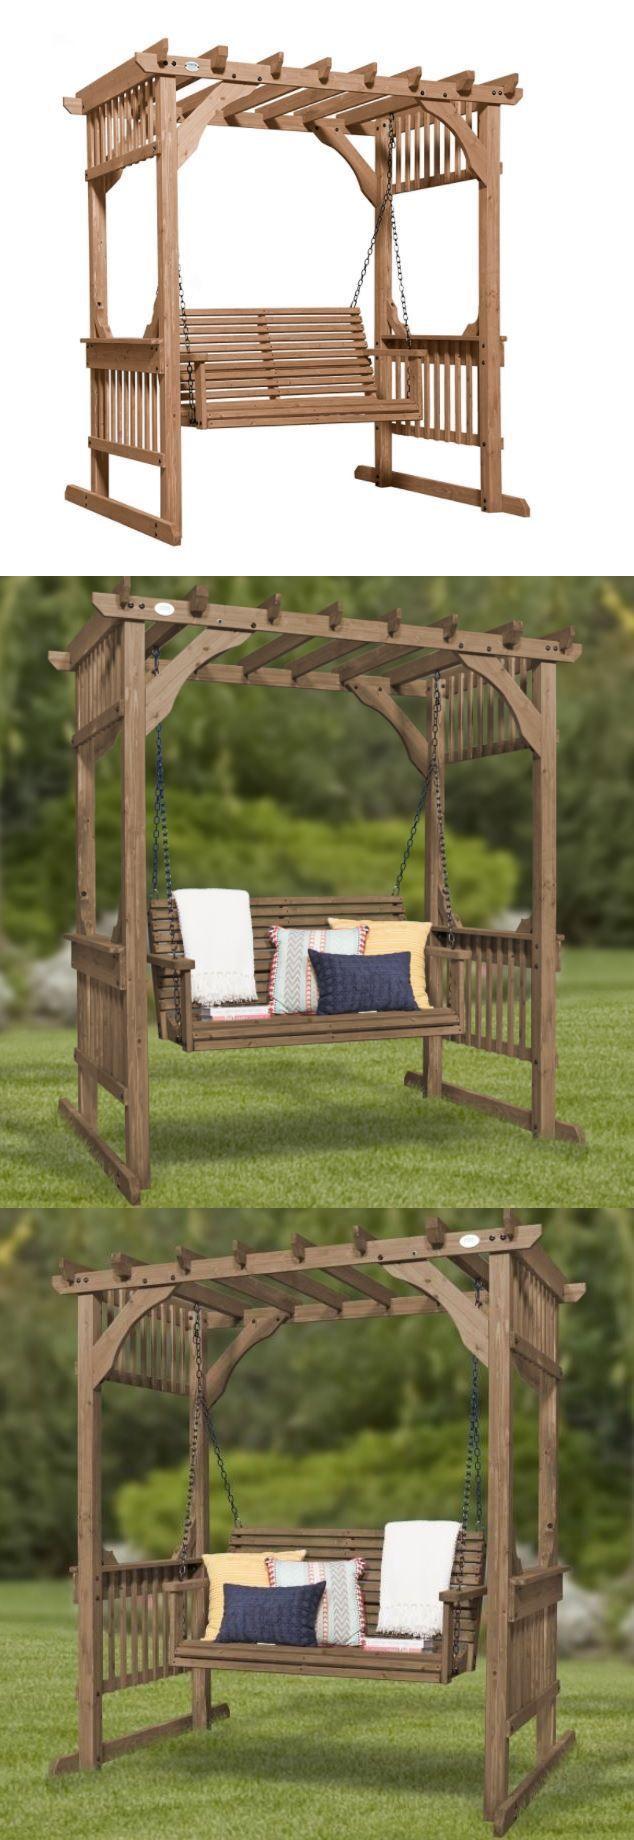 Pergolas pergola swing cedar outdoor patio garden backyard